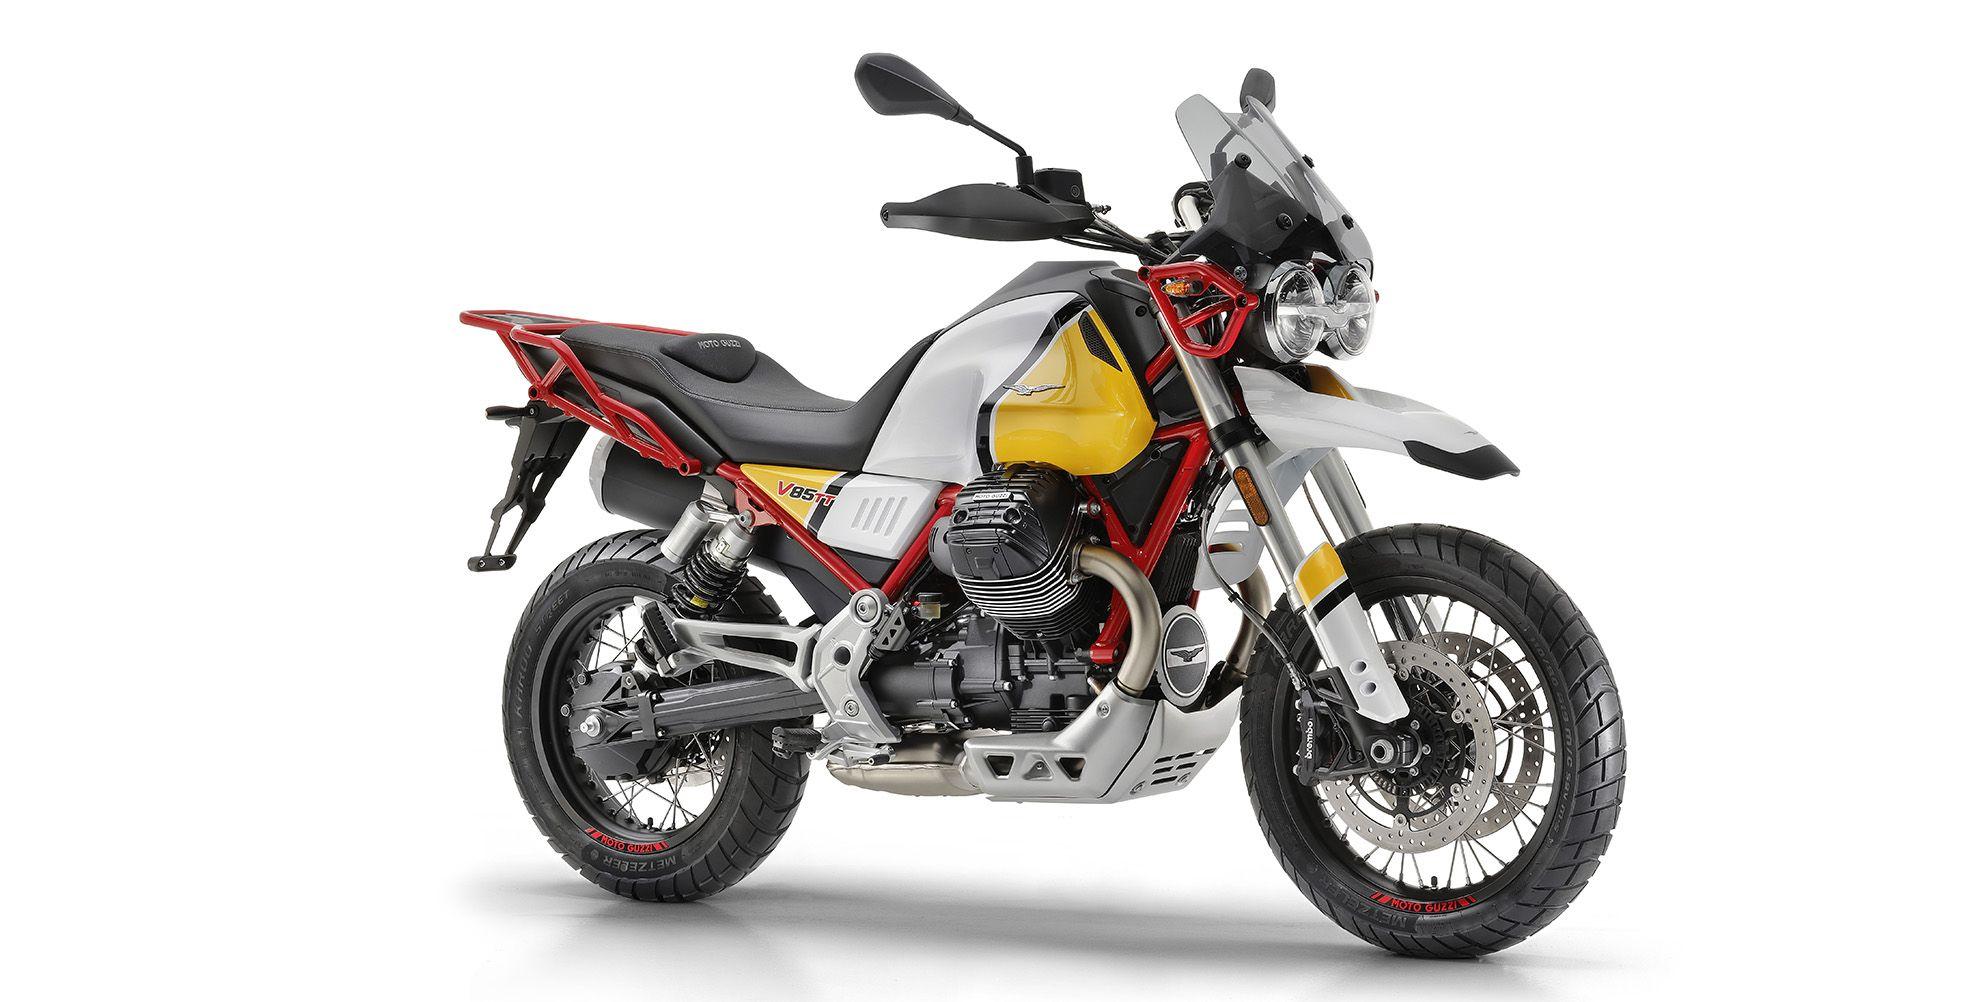 Las primeras unidades de la esperada Moto Guzzi V85 TT ya se encuentran de camnio a Canarias